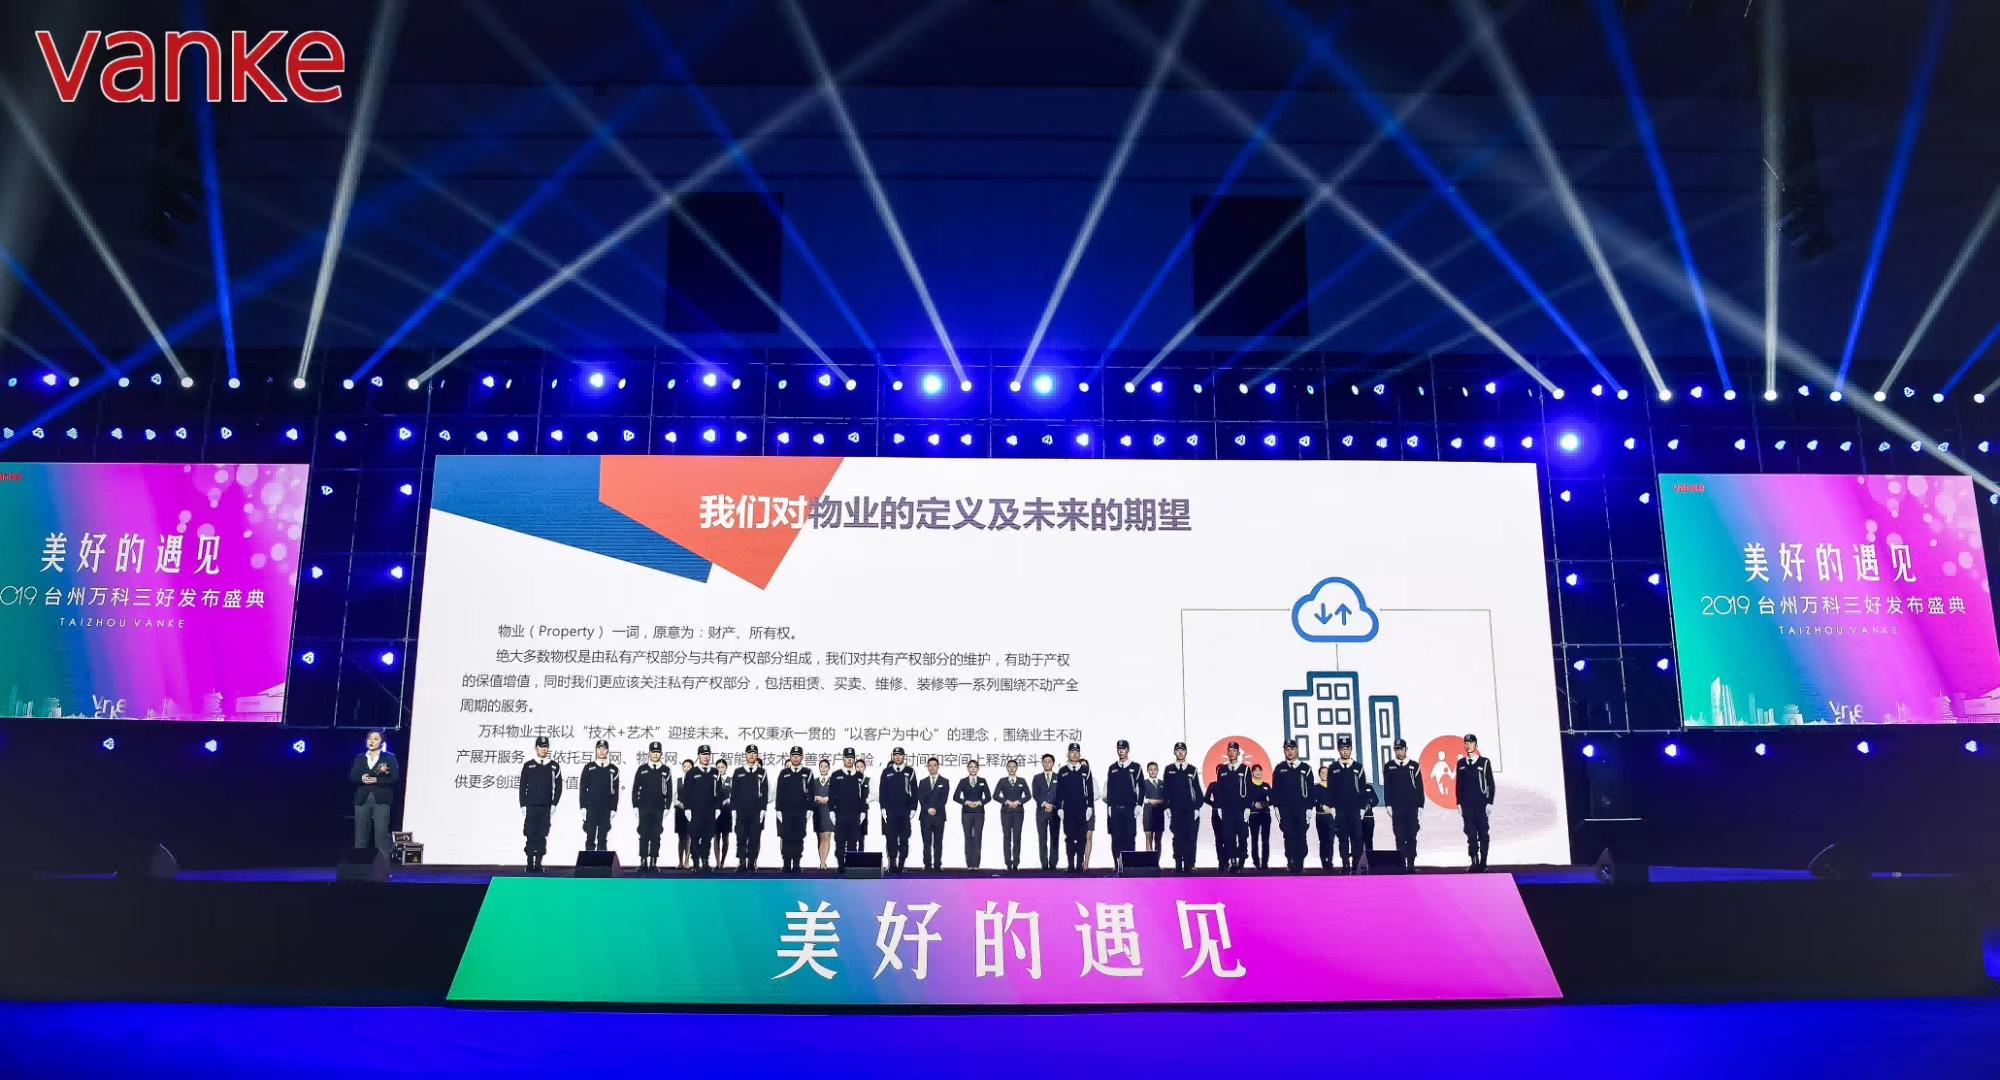 2019台州万科三好发布盛典